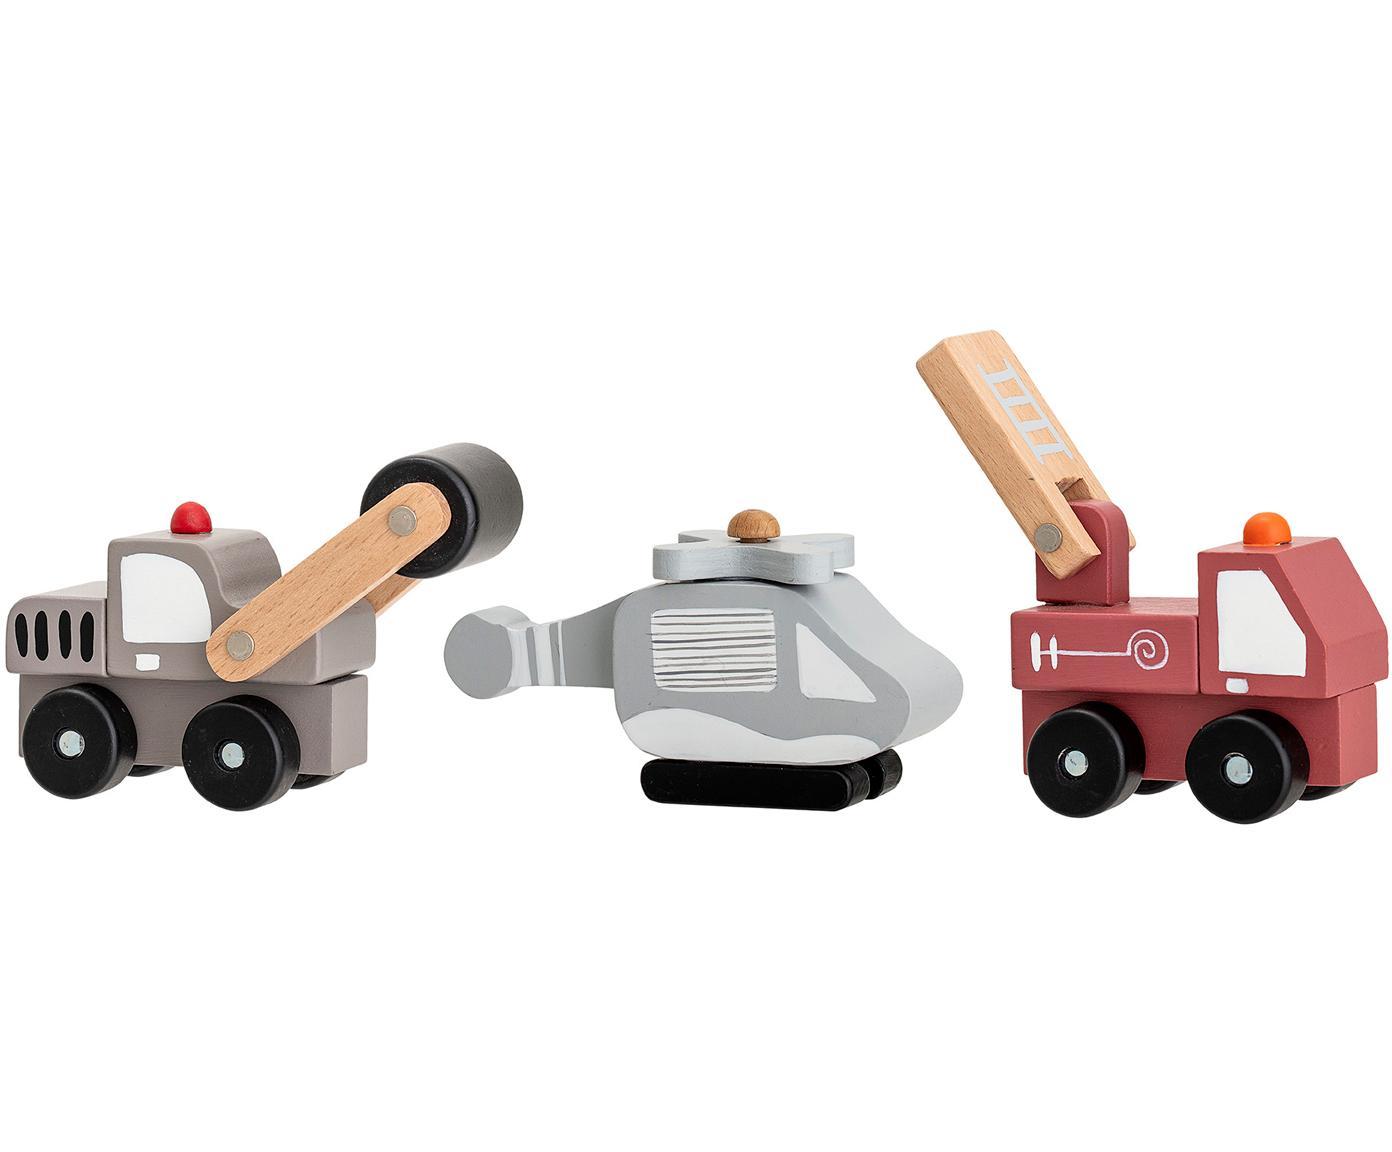 Set de juguetes Bruno, 3pzas., Tablero de fibras de densidad media (MDF), madera contrachapada, metal, Multicolor, Tamaños diferentes